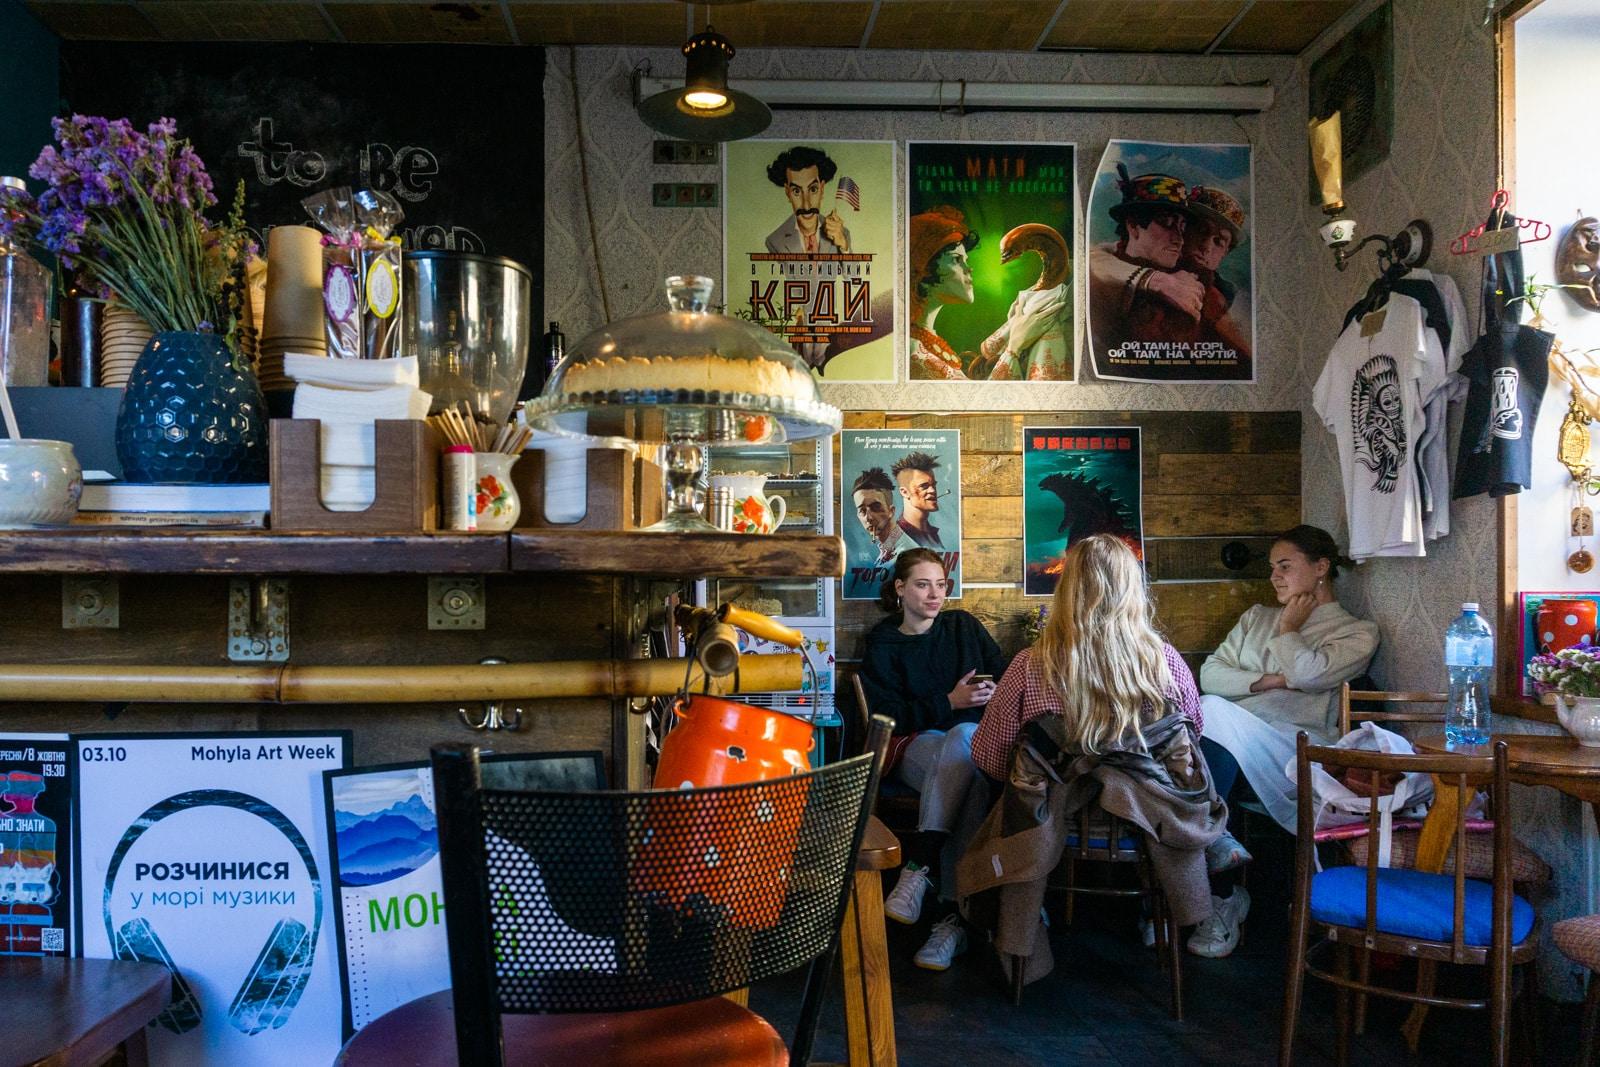 Los lugareños en Vagabond Cafe, Kiev, Ucrania